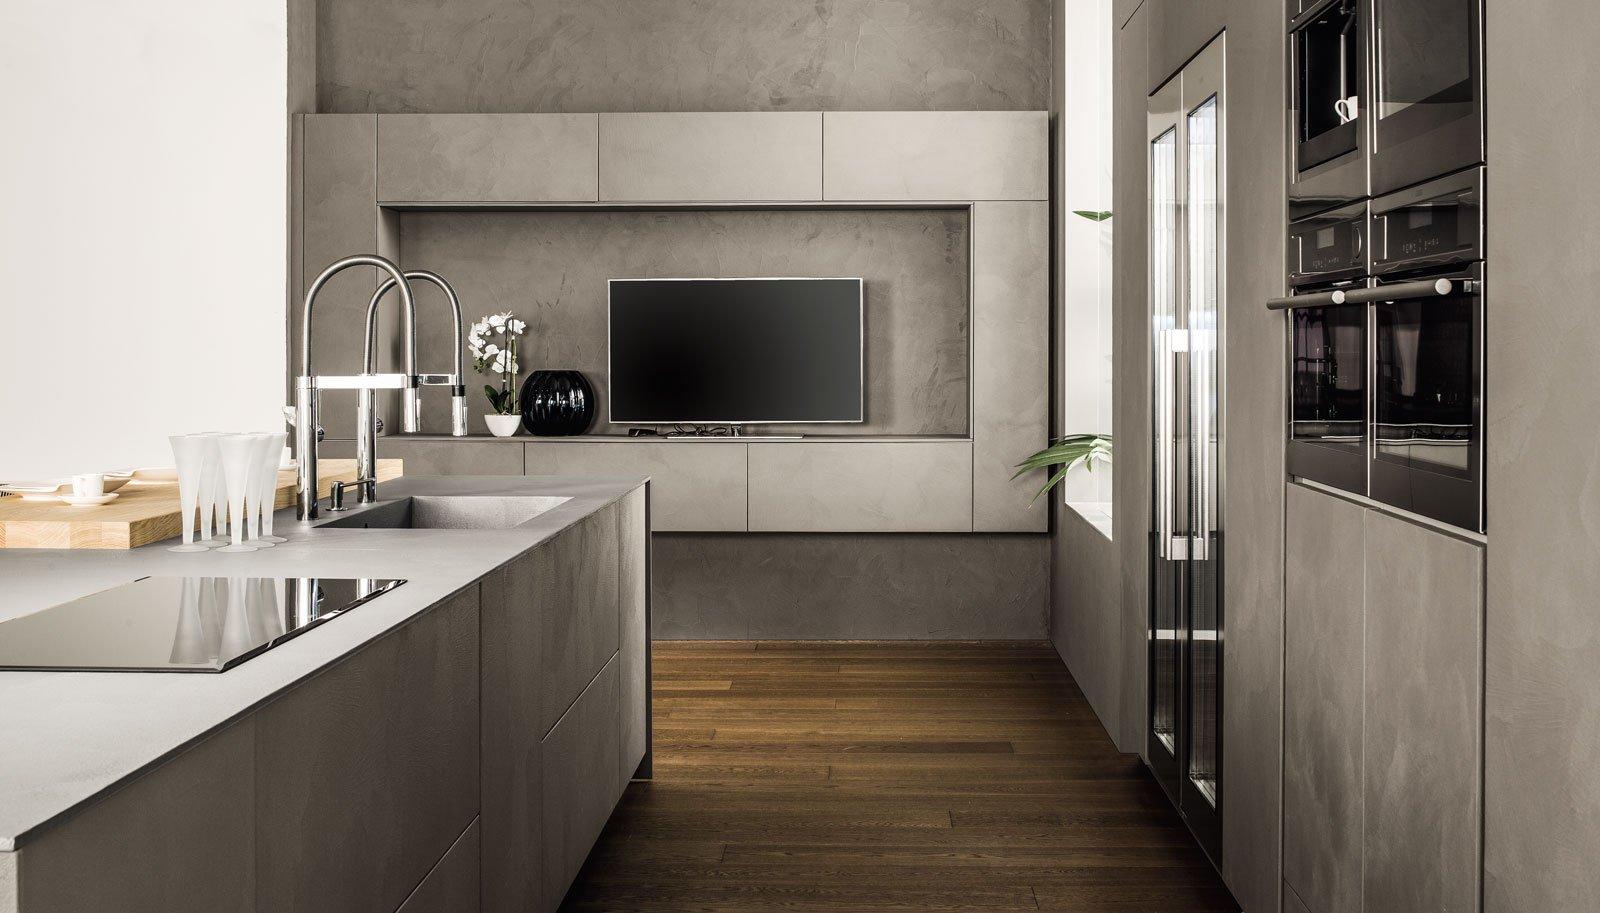 Cucine in grigio di inaspettata freschezza novit eurocucina in anteprima cose di casa - Cucine grigio perla ...